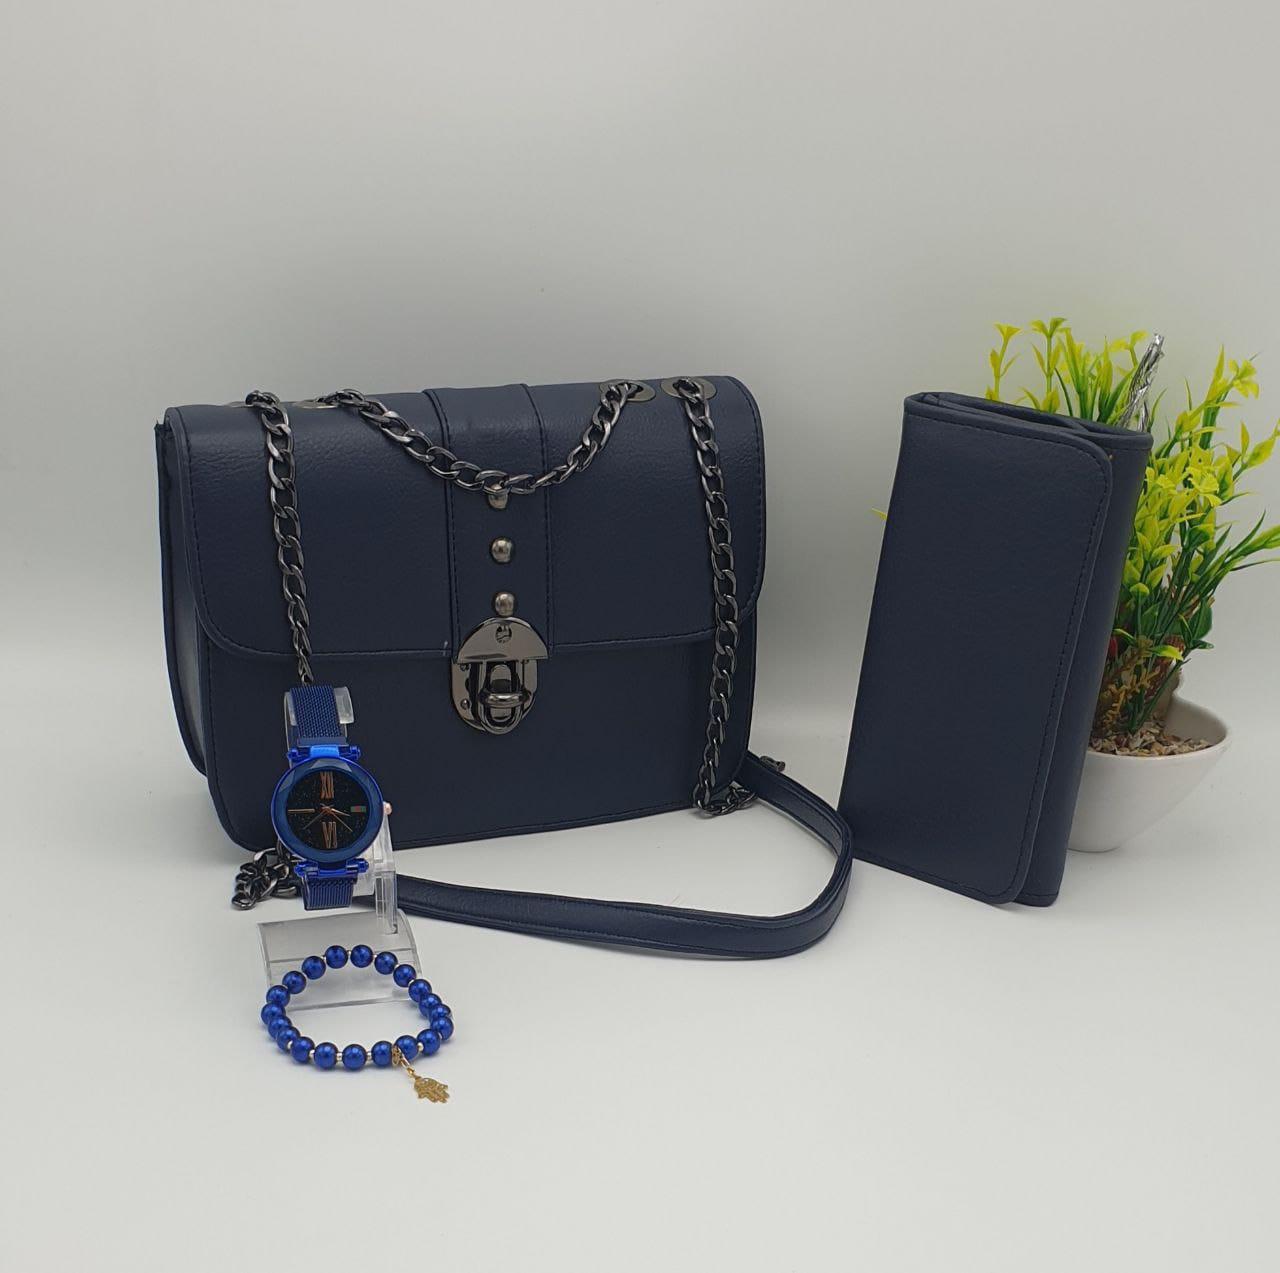 Coffret Sac 4 pieces princesse, Bleu, sac bracelet porte feuille montre